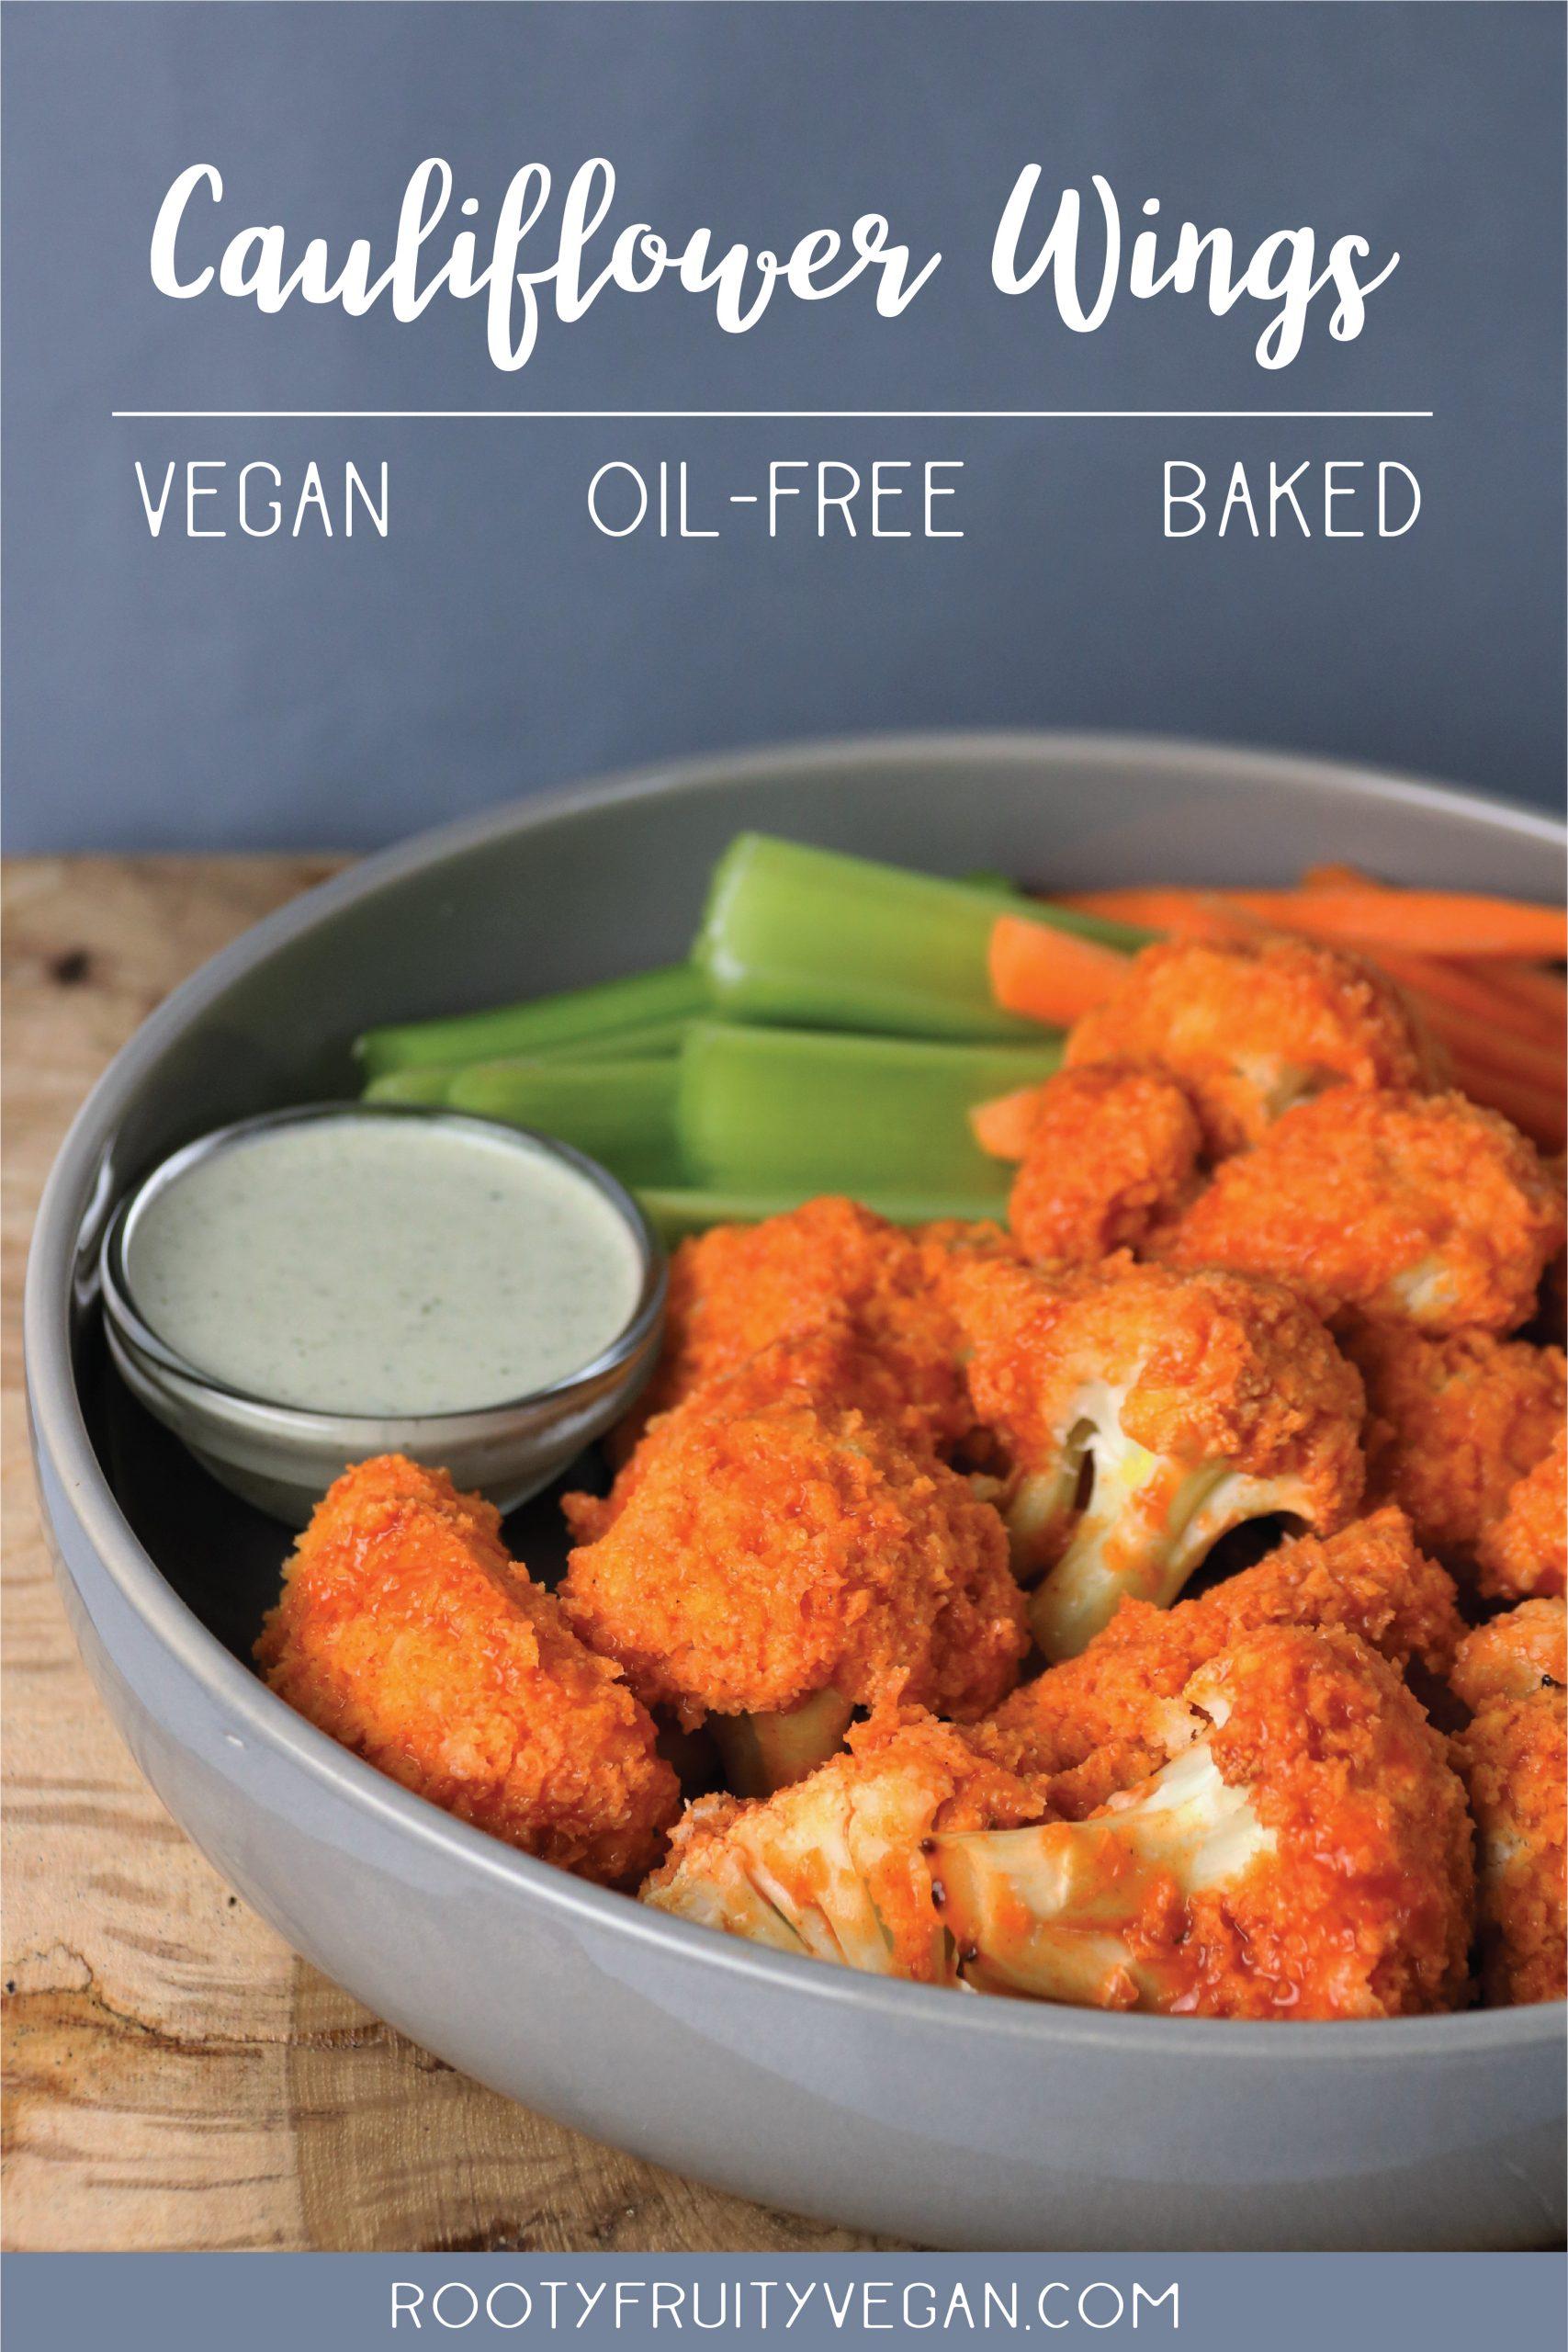 Vegan baked wings